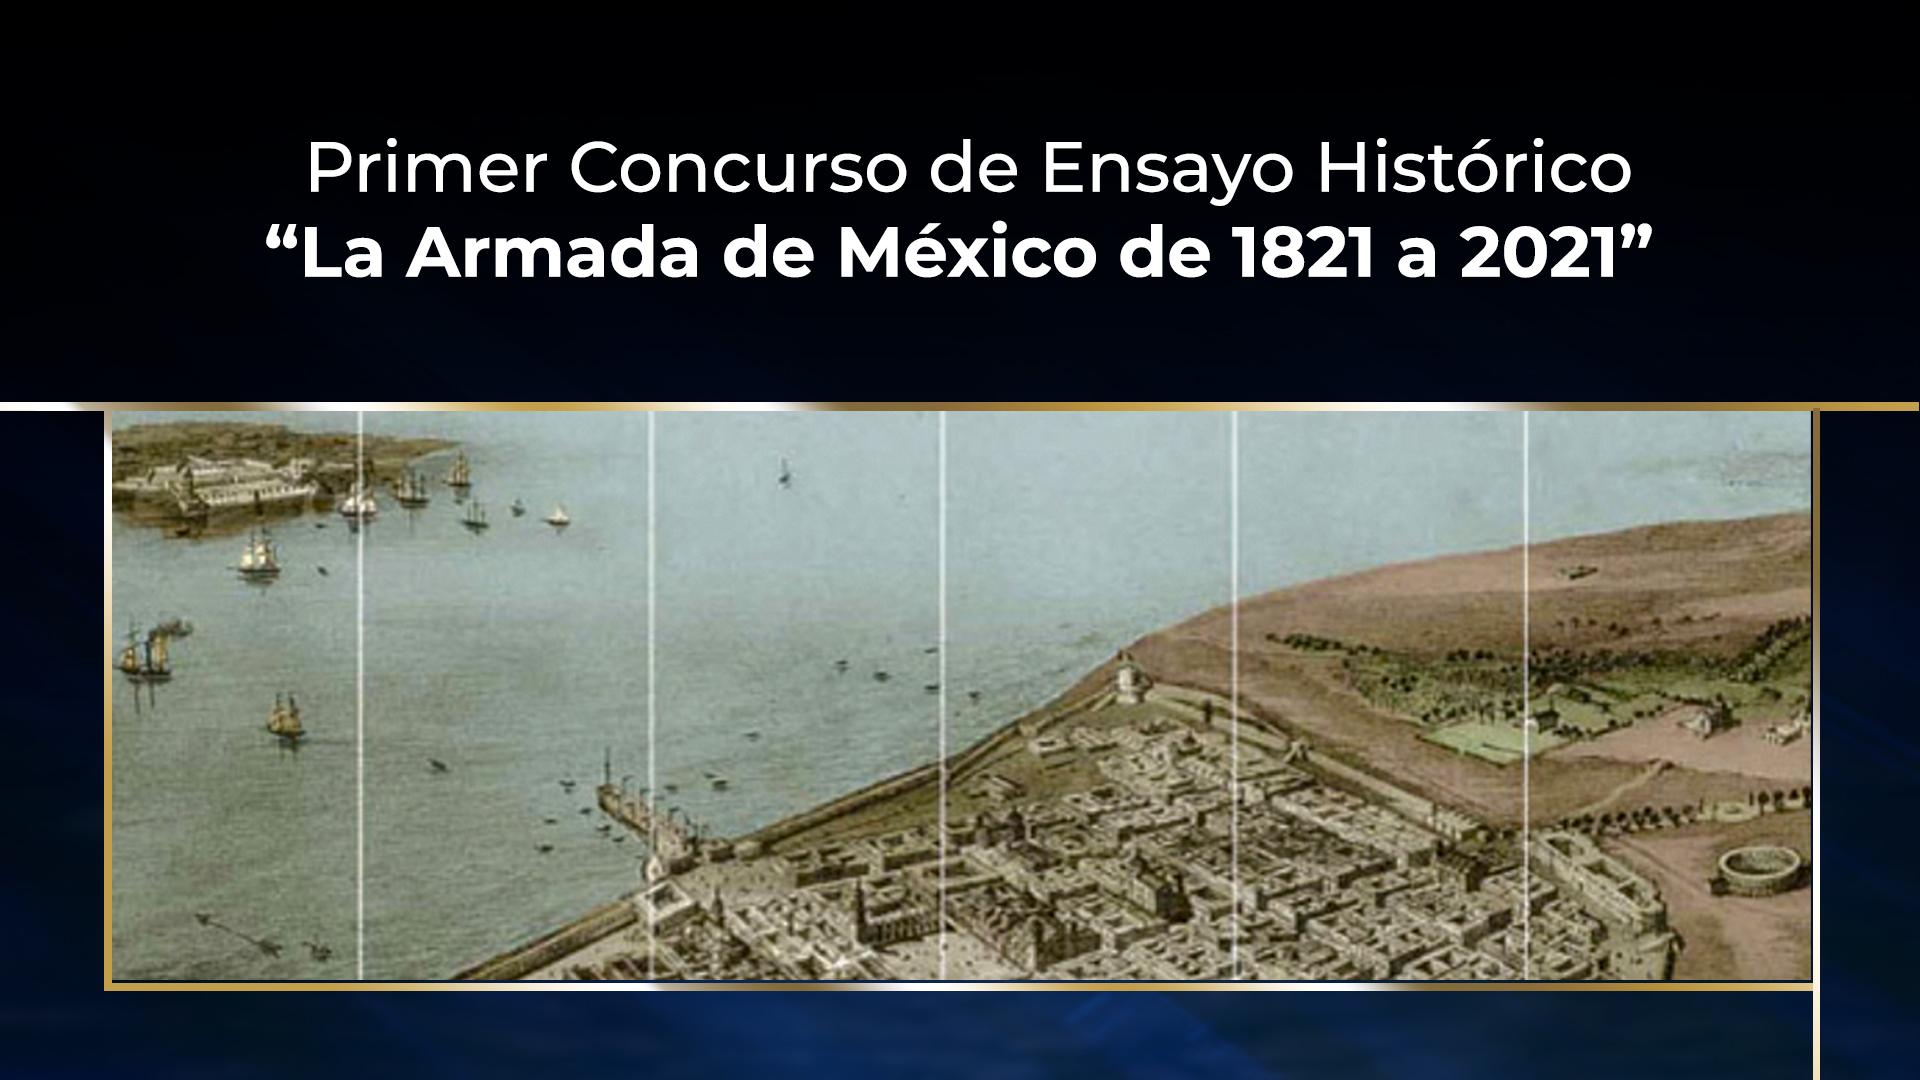 Ficha de inscripción del Primer Concurso de Ensayo Histórico